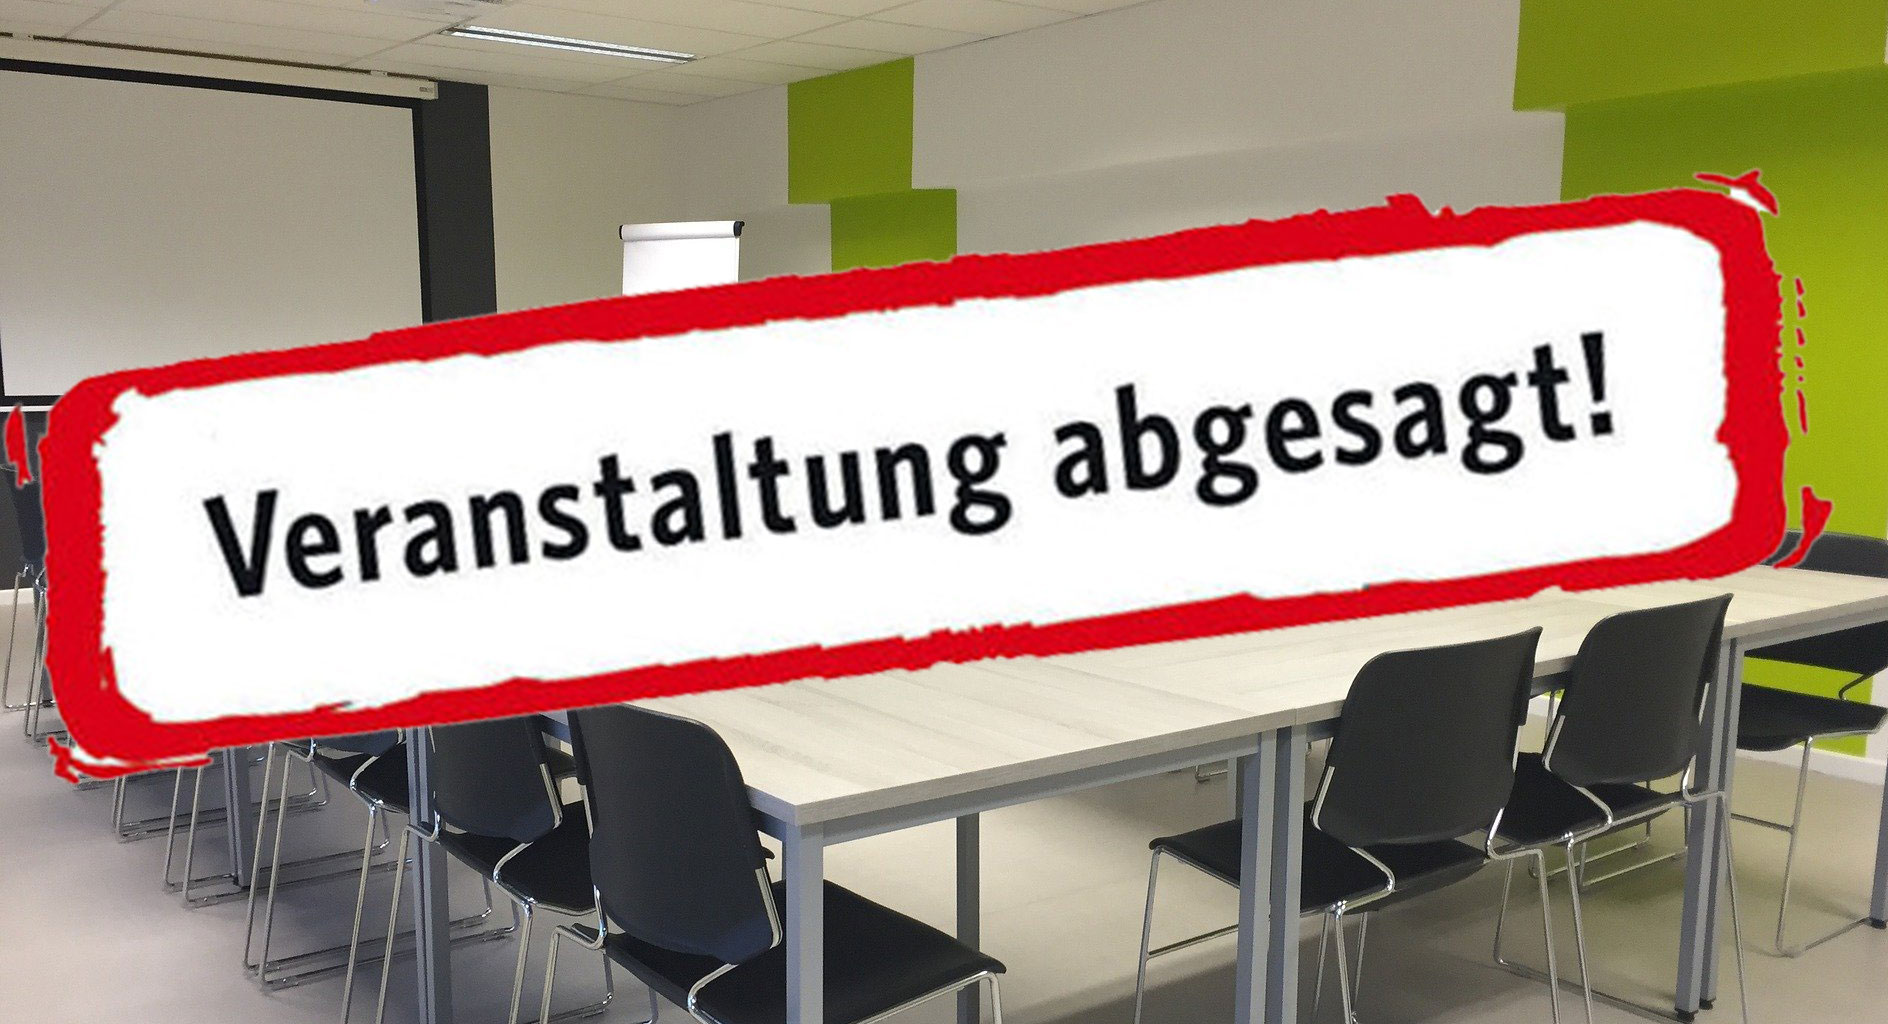 s auf weiteres verschoben: Coronabedingt entfällt die im November 2020 geplante Jahreshauptversammlung der Lebenshilfe Nürnberger Land e. V.